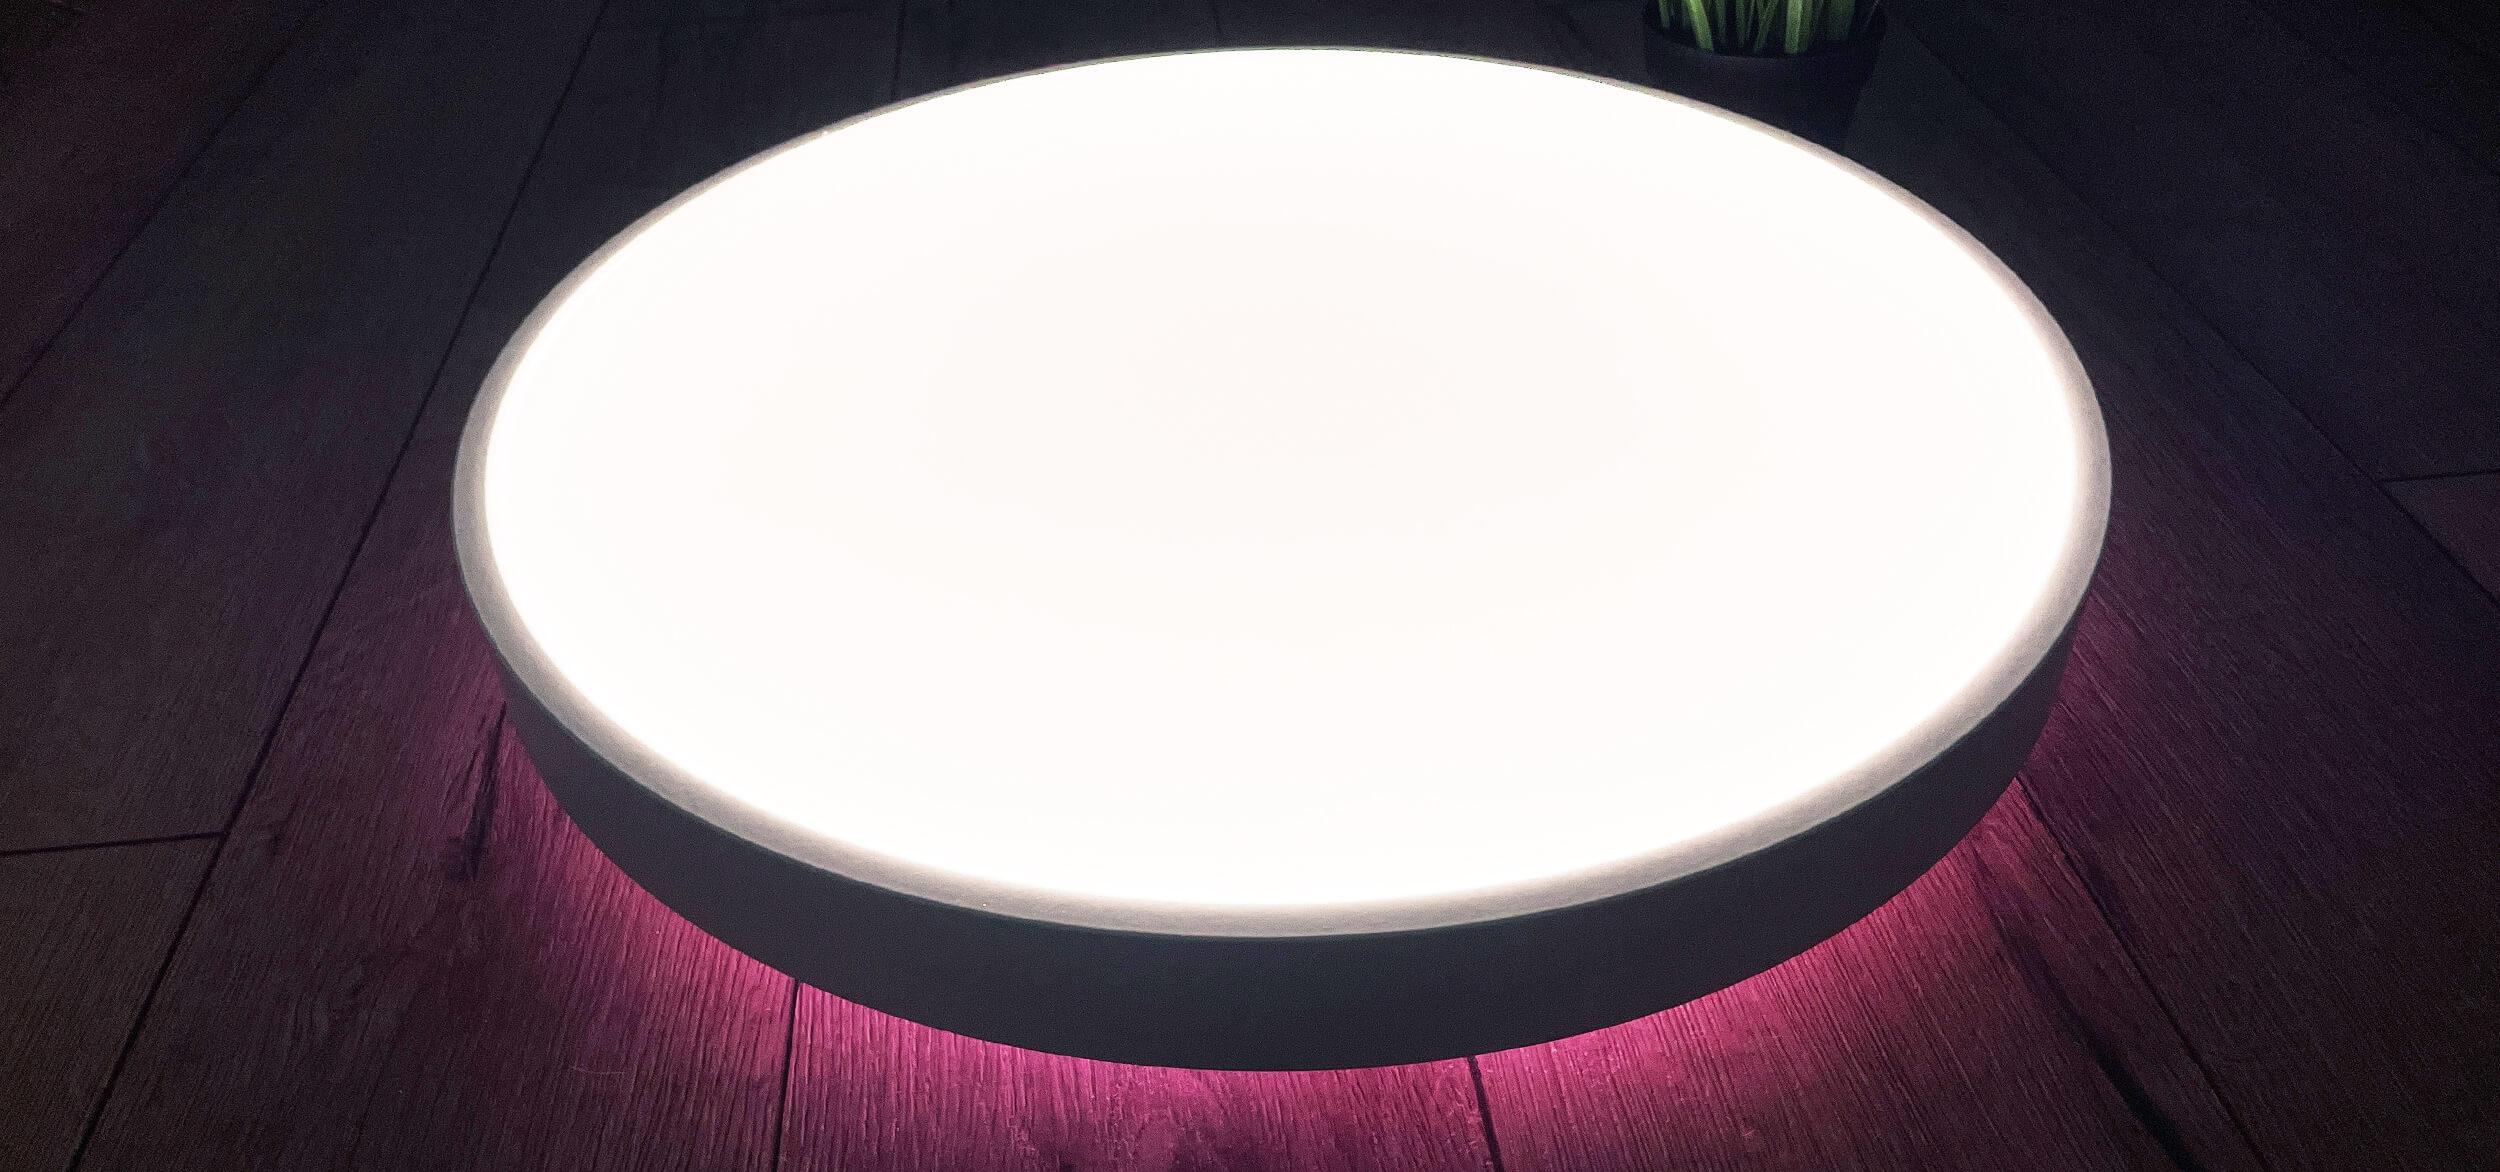 Обзор умного потолочного светильника Yeelight Arwen Ceiling Light 450S